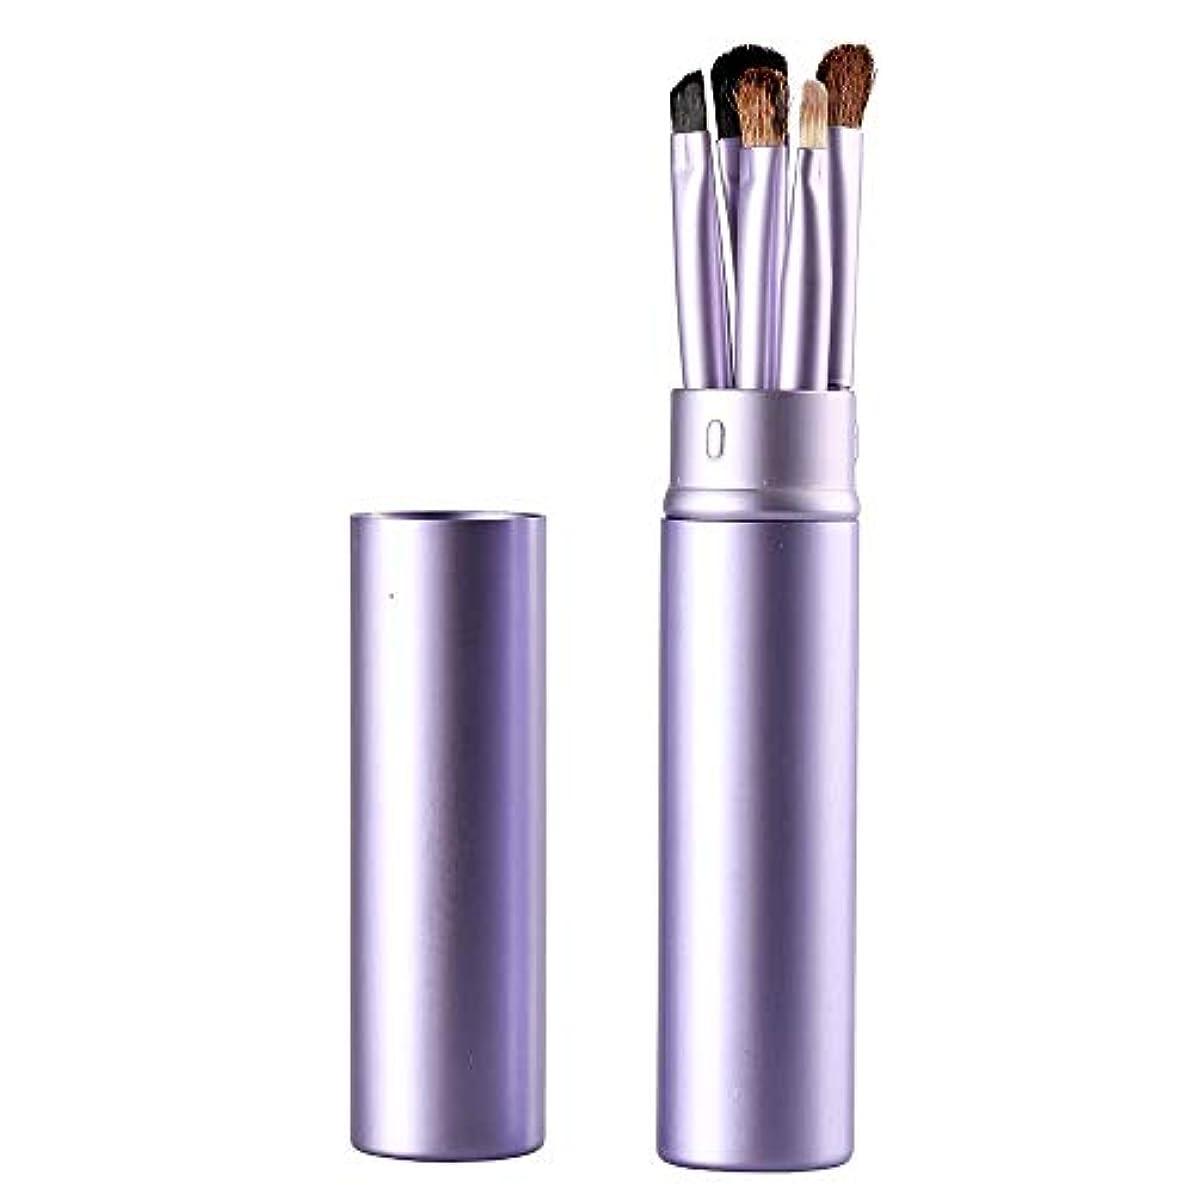 しかしながらコストパイプMakeup brushes 紫色、アイメイクブラシセットブラシ5アイブラシメイクペン美容メイクツールで化粧チューブ保護 suits (Color : Purple)